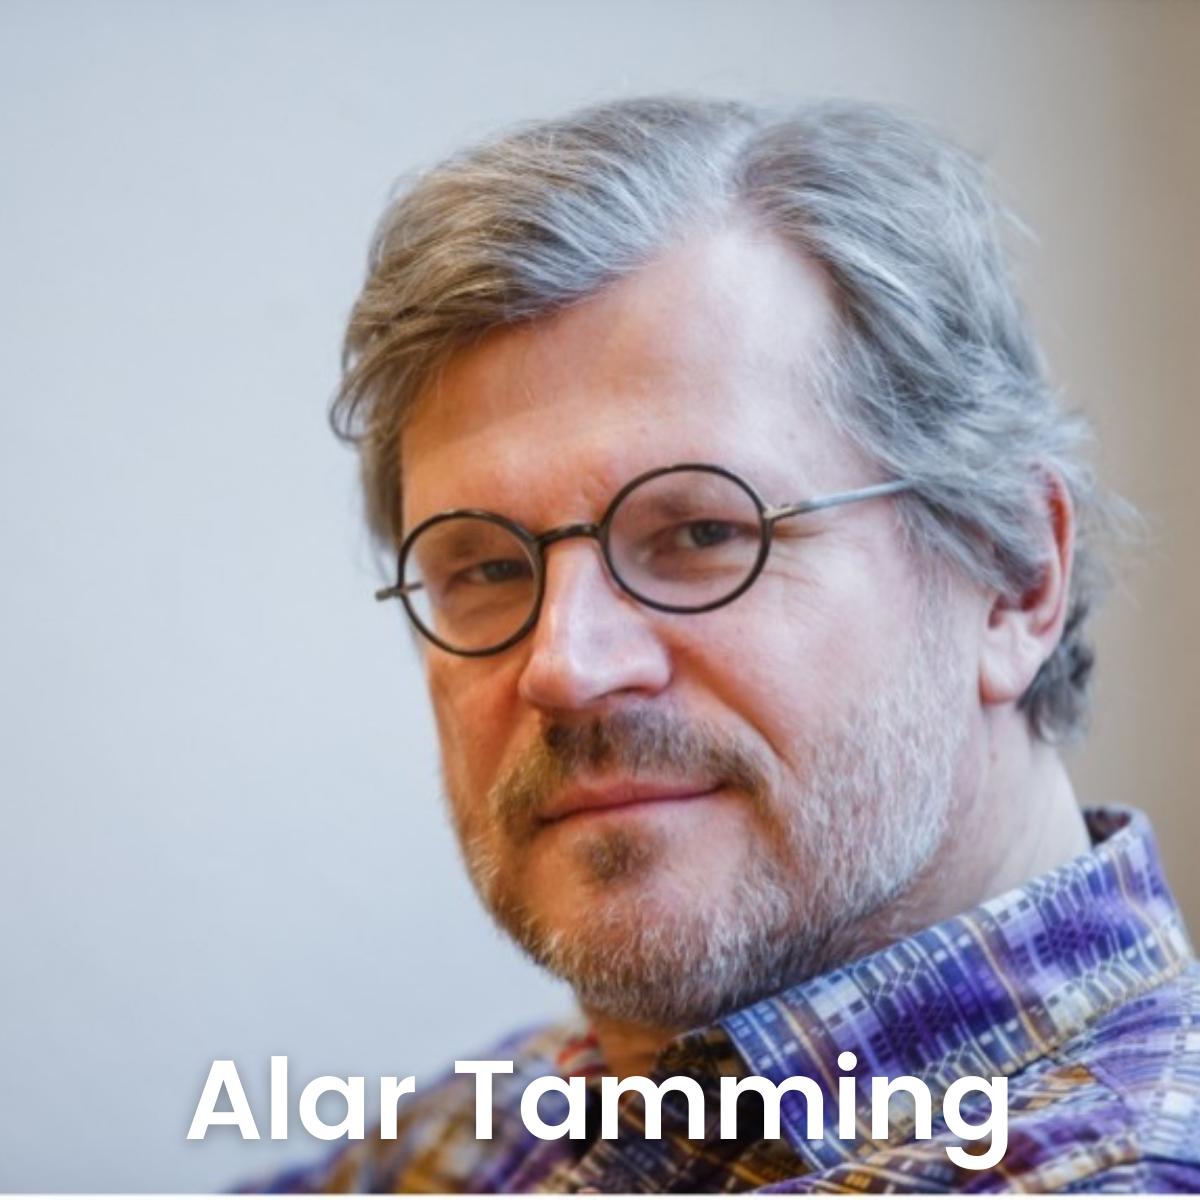 Alar Tamming